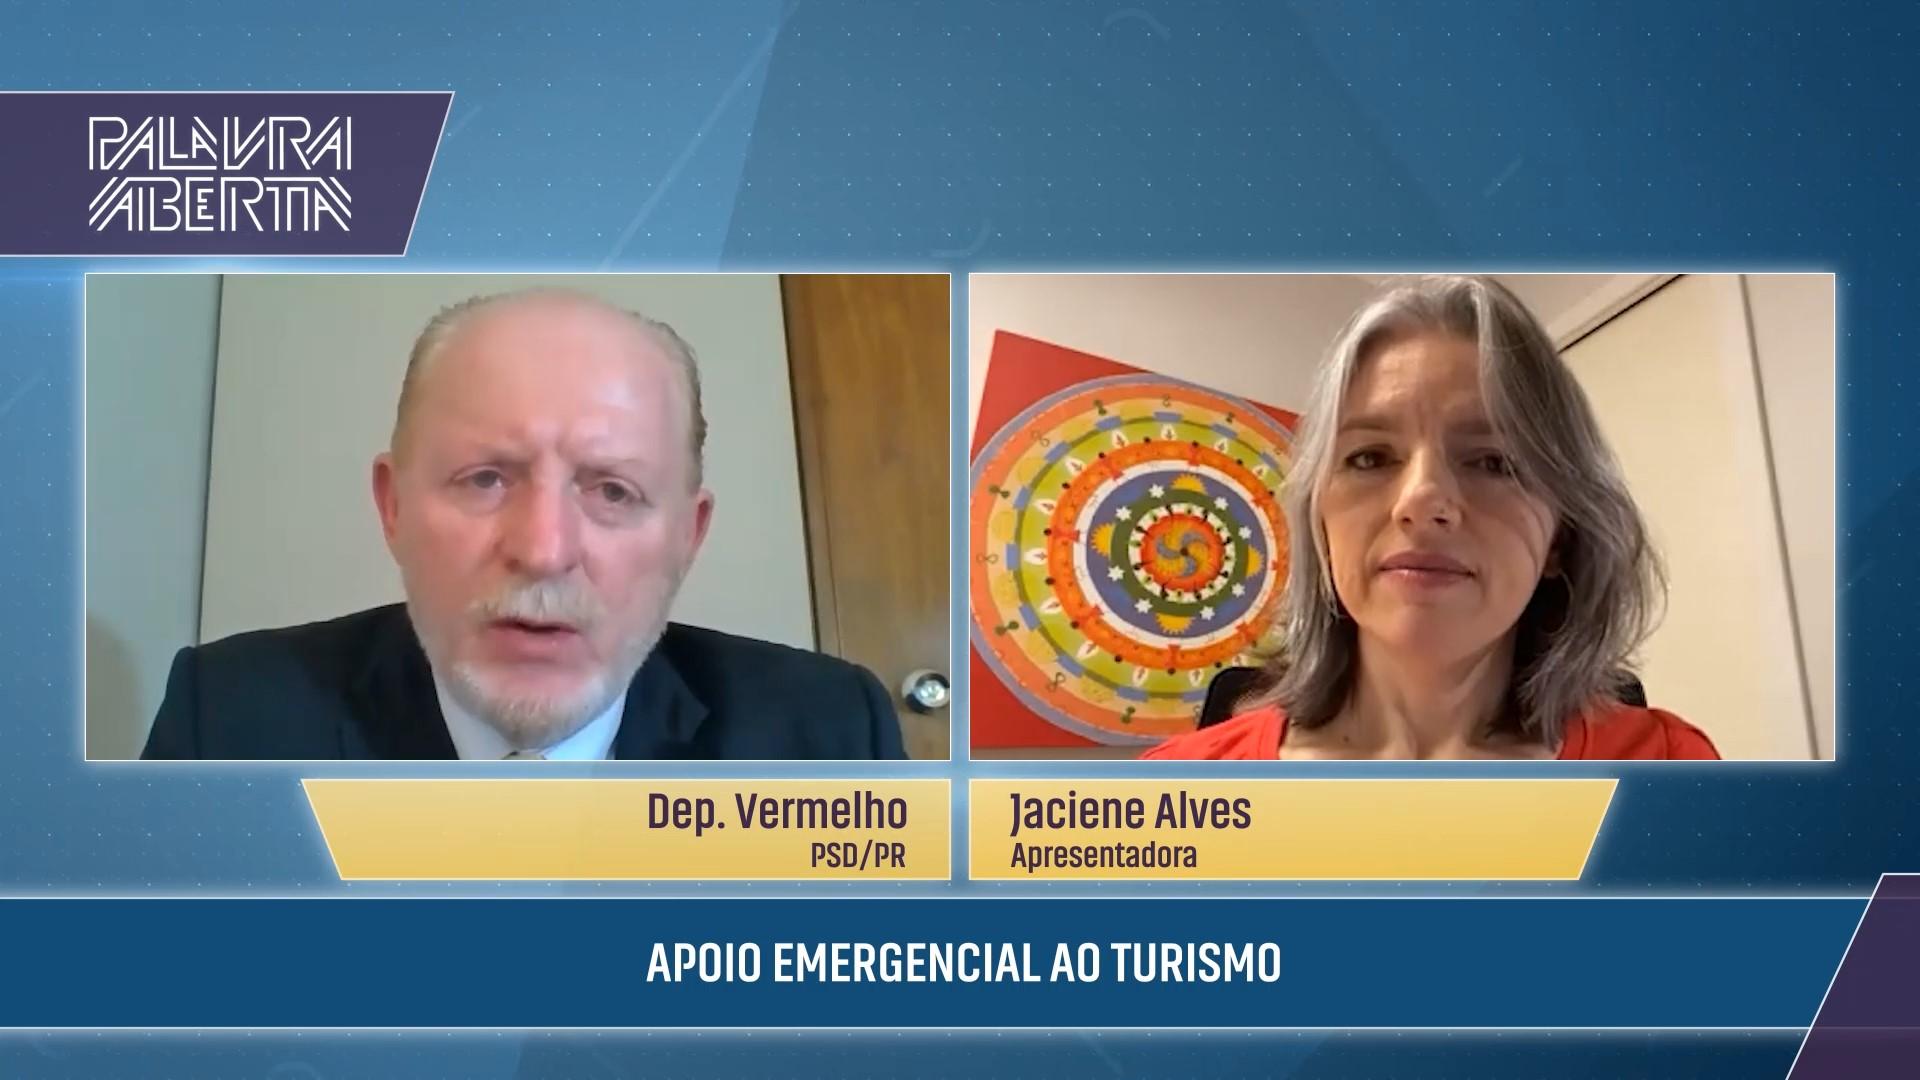 Coronavírus: Programa de apoio emergencial ao turismo